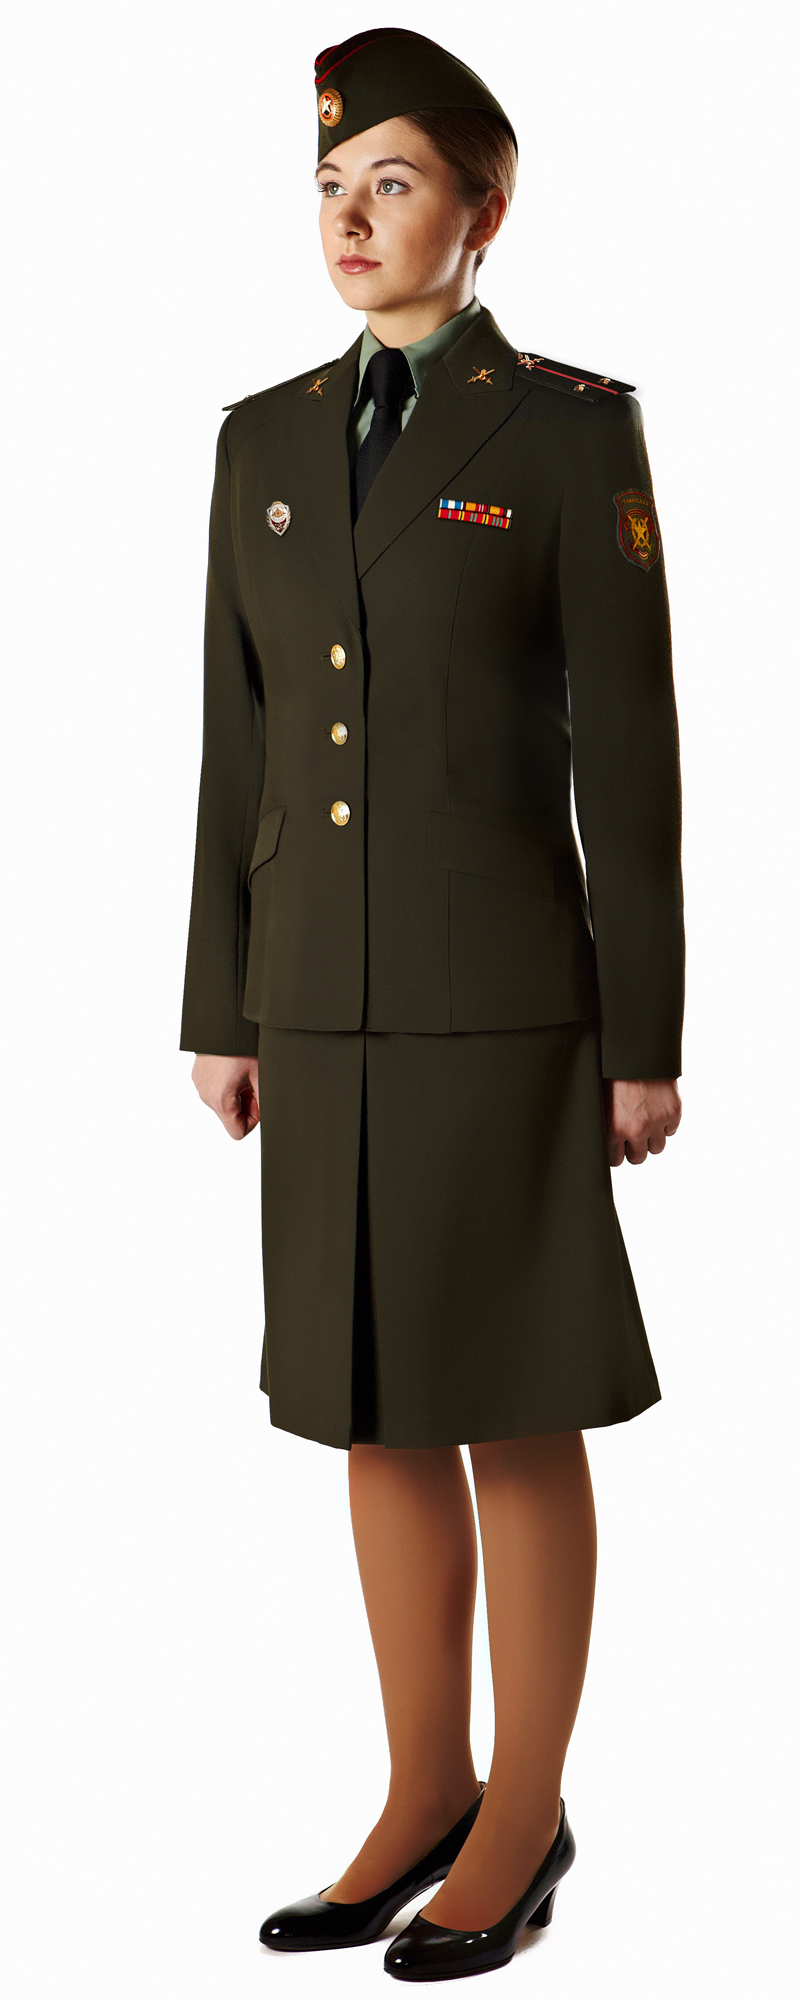 Одежда для военнослужащих